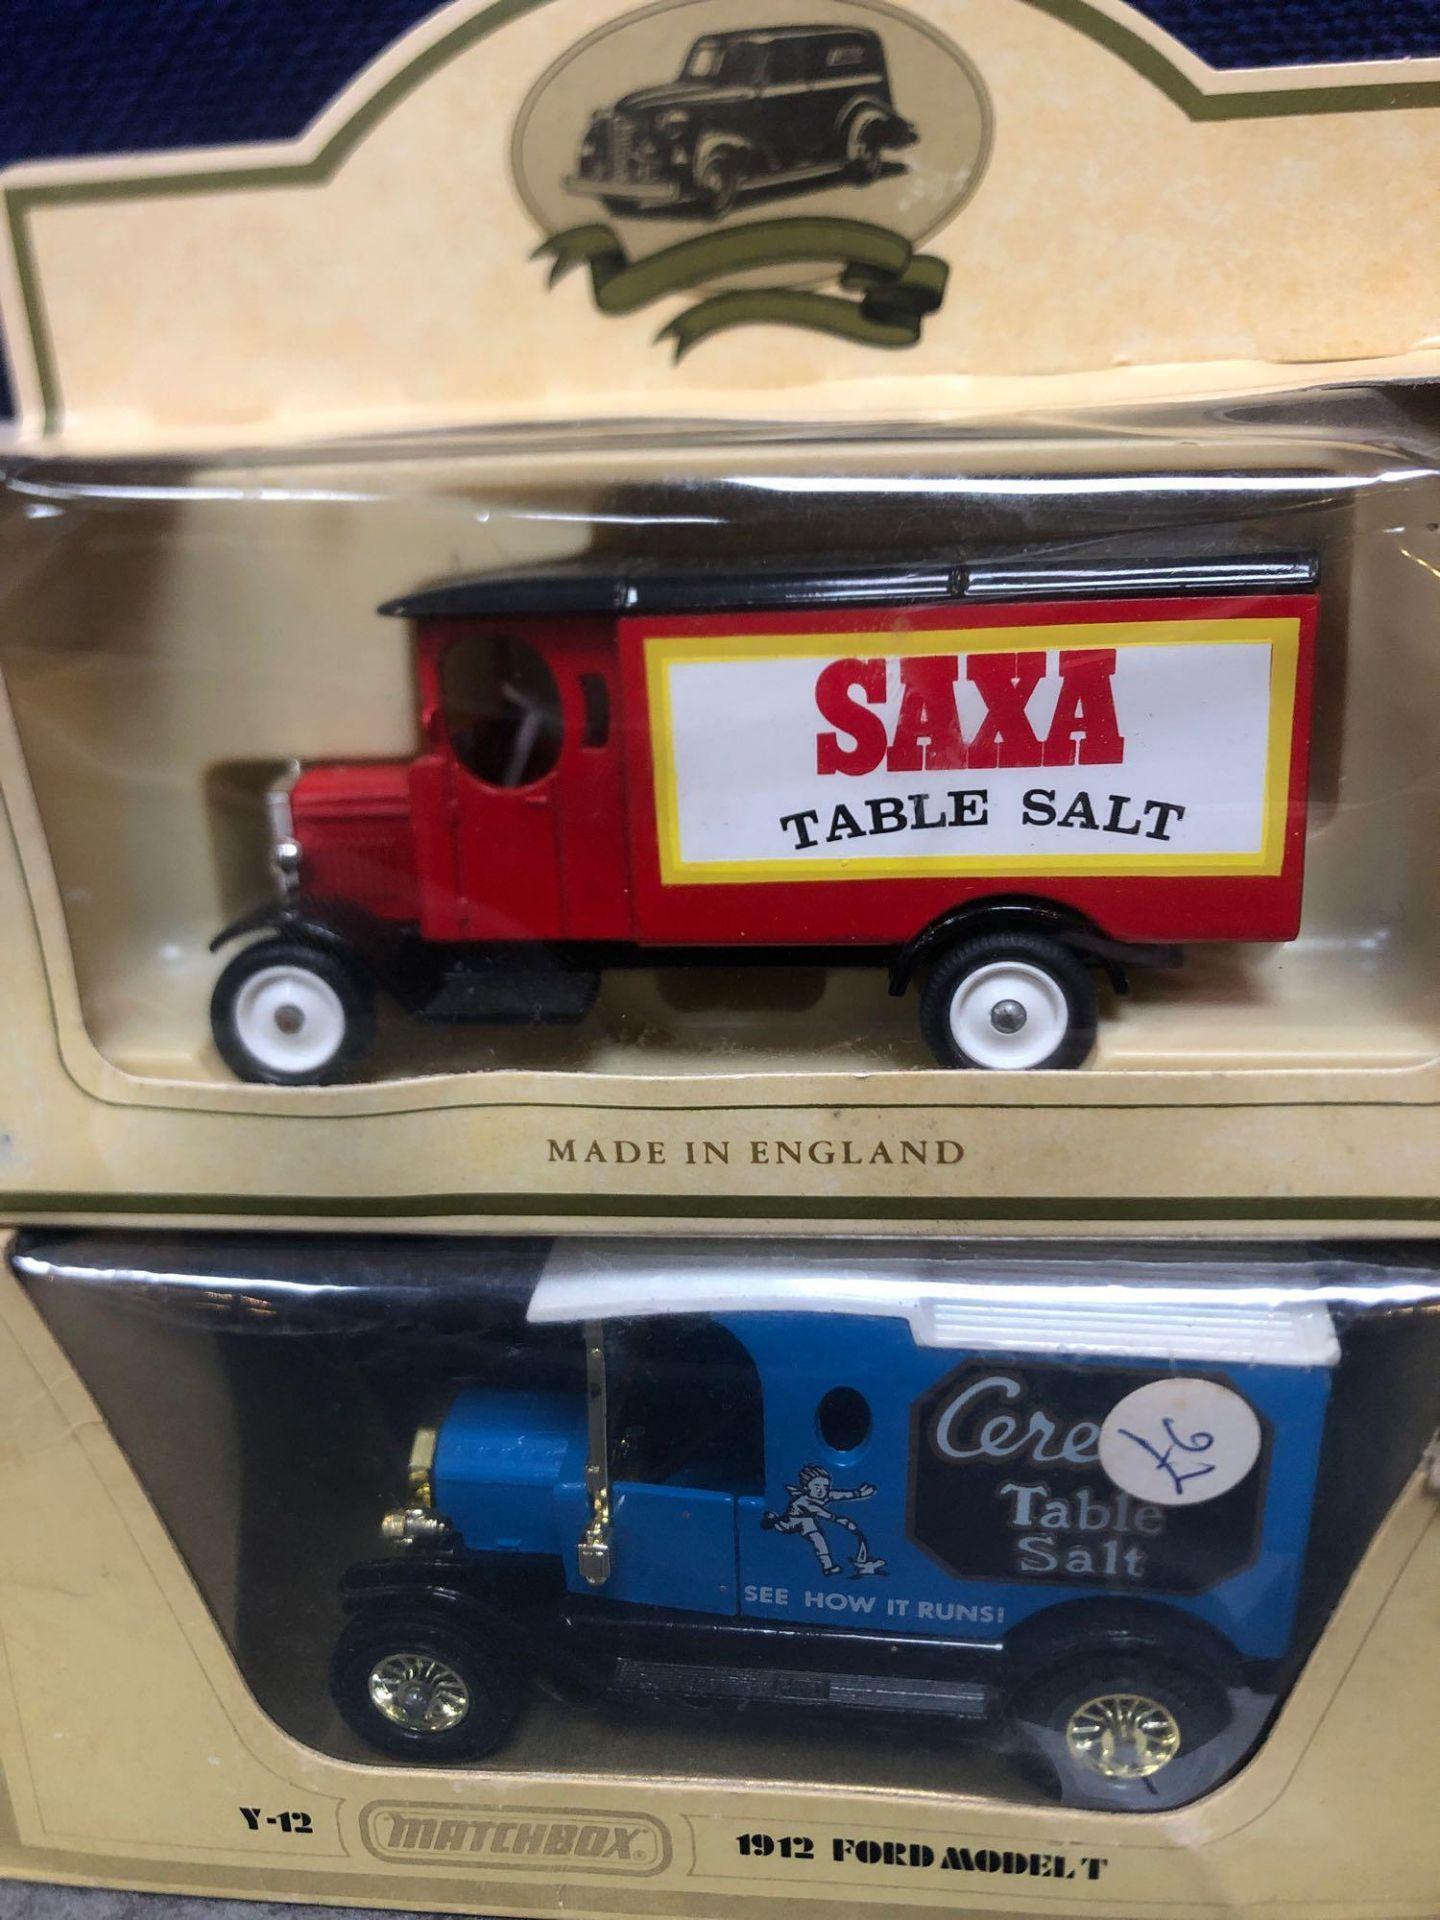 4x Diecast Vehicles Advertising Kleenex / Saxa Table Salt/ Tate And Lyle Sugar / Cerelos Table Salt. - Image 3 of 3